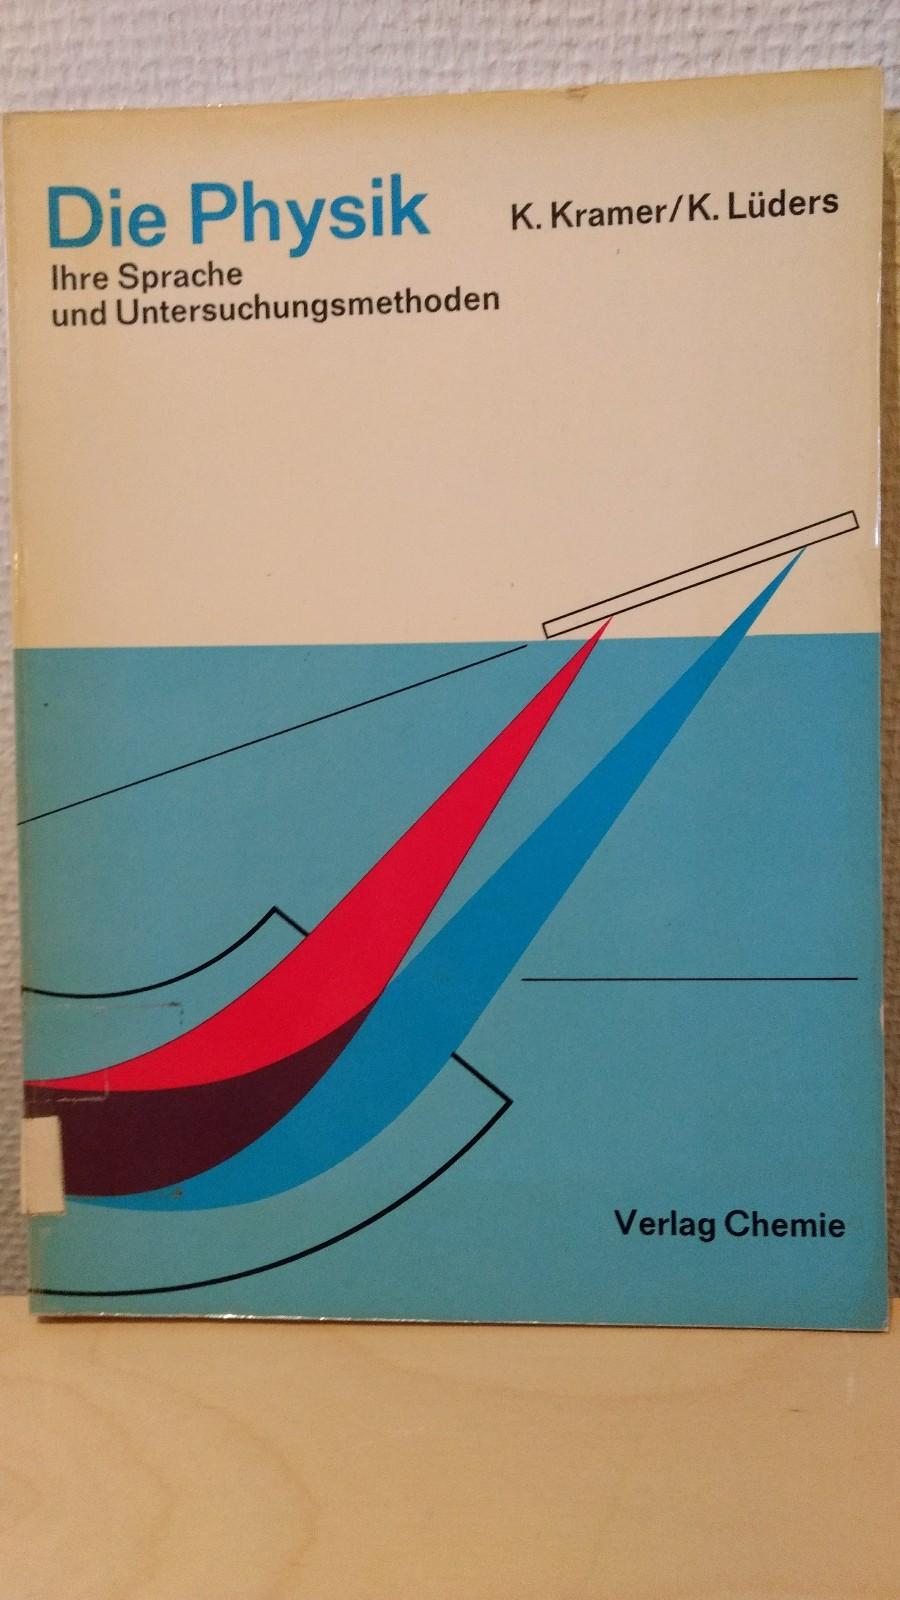 Die Physik Ihre Sprache und Untersuchungsmethoden: Kramer, K. und